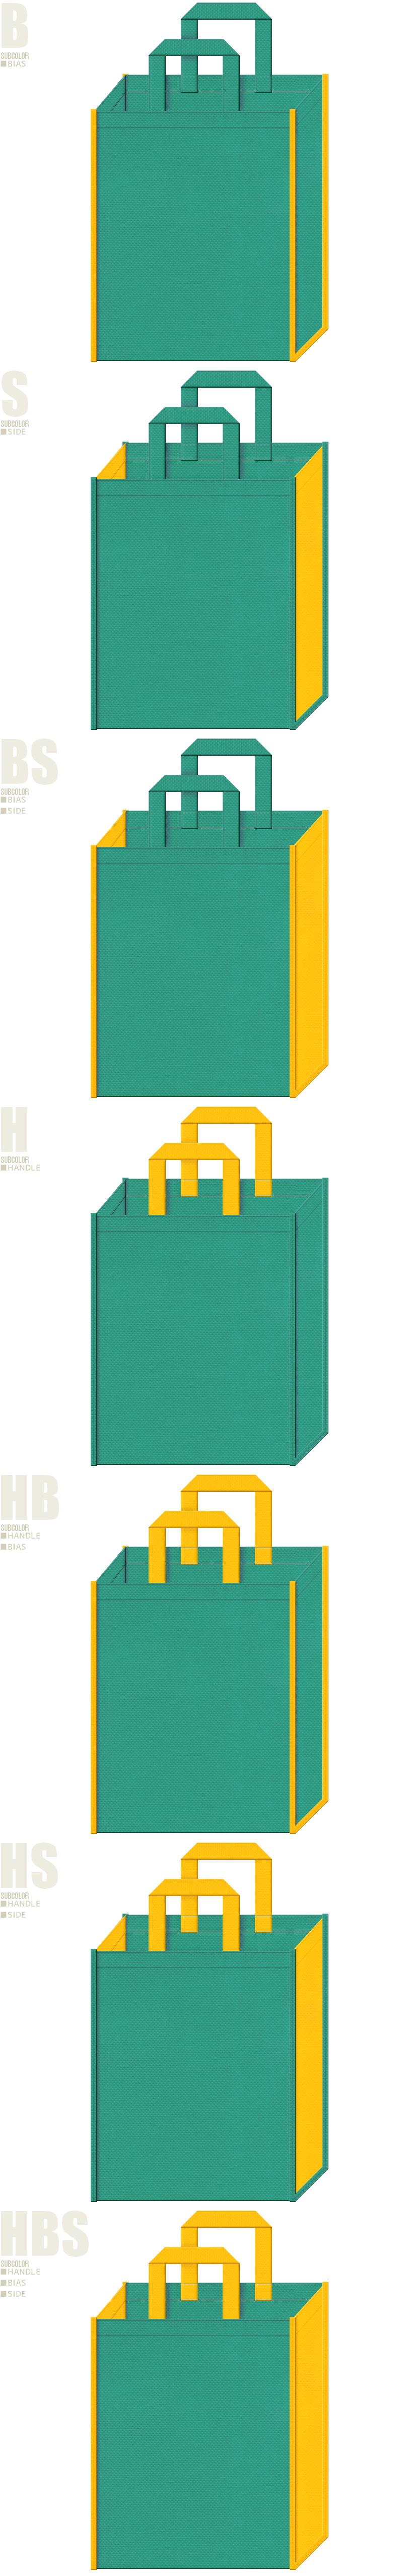 青緑色と黄色、7パターンの不織布トートバッグ配色デザイン例。テーマパーク・ゲームのバッグノベルティにお奨めです。